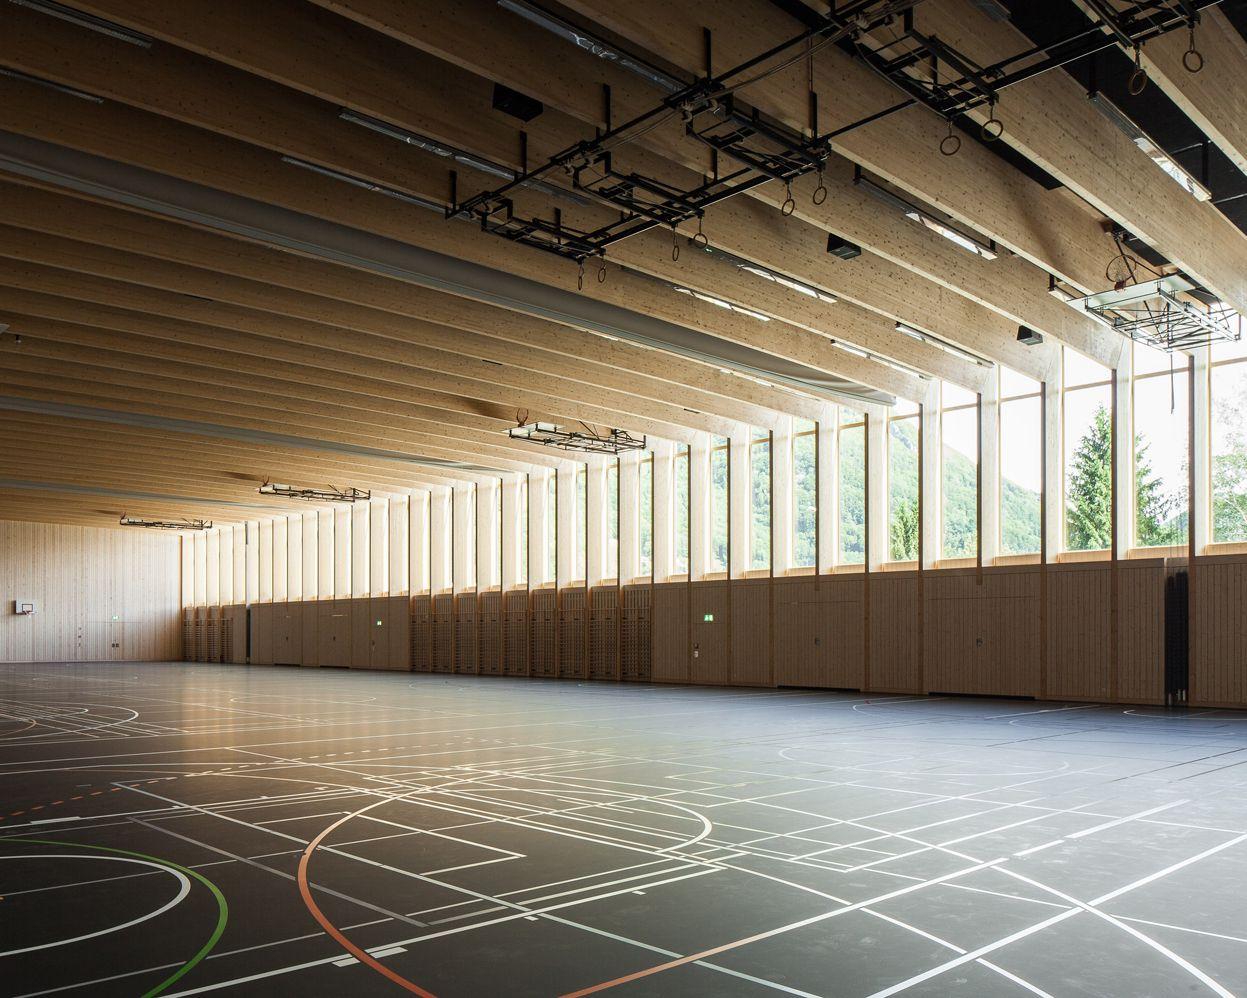 Athletischer Holzbau - Sporthalle im schweizerischen ...